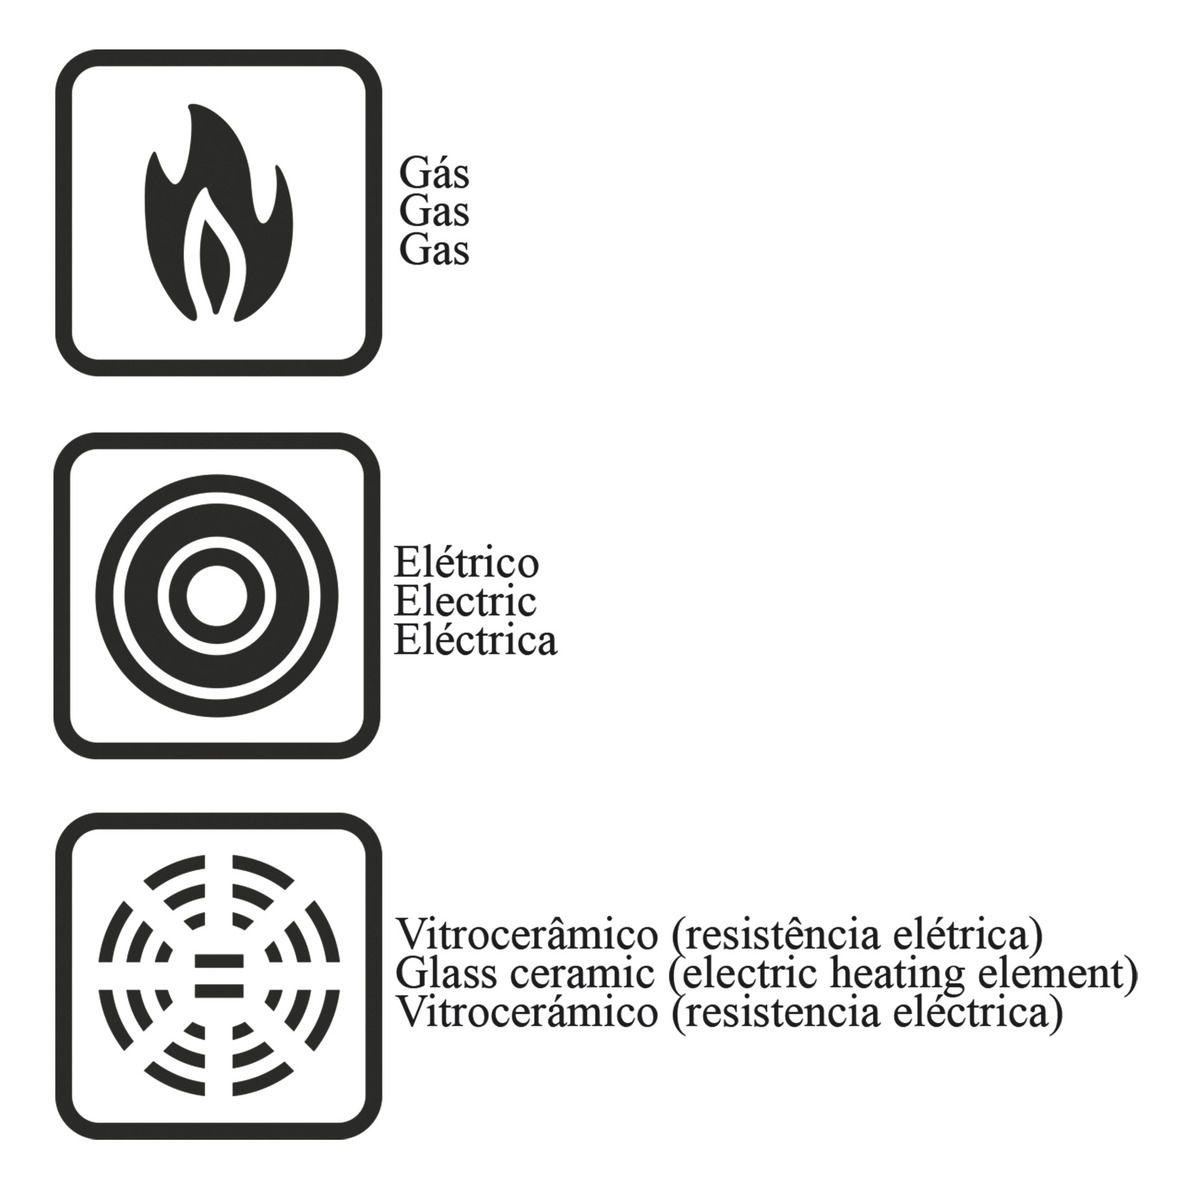 Banho-maria de alumínio com revestimento interno de antiaderente Ø20cm 20539/720 | Lojas Estrela